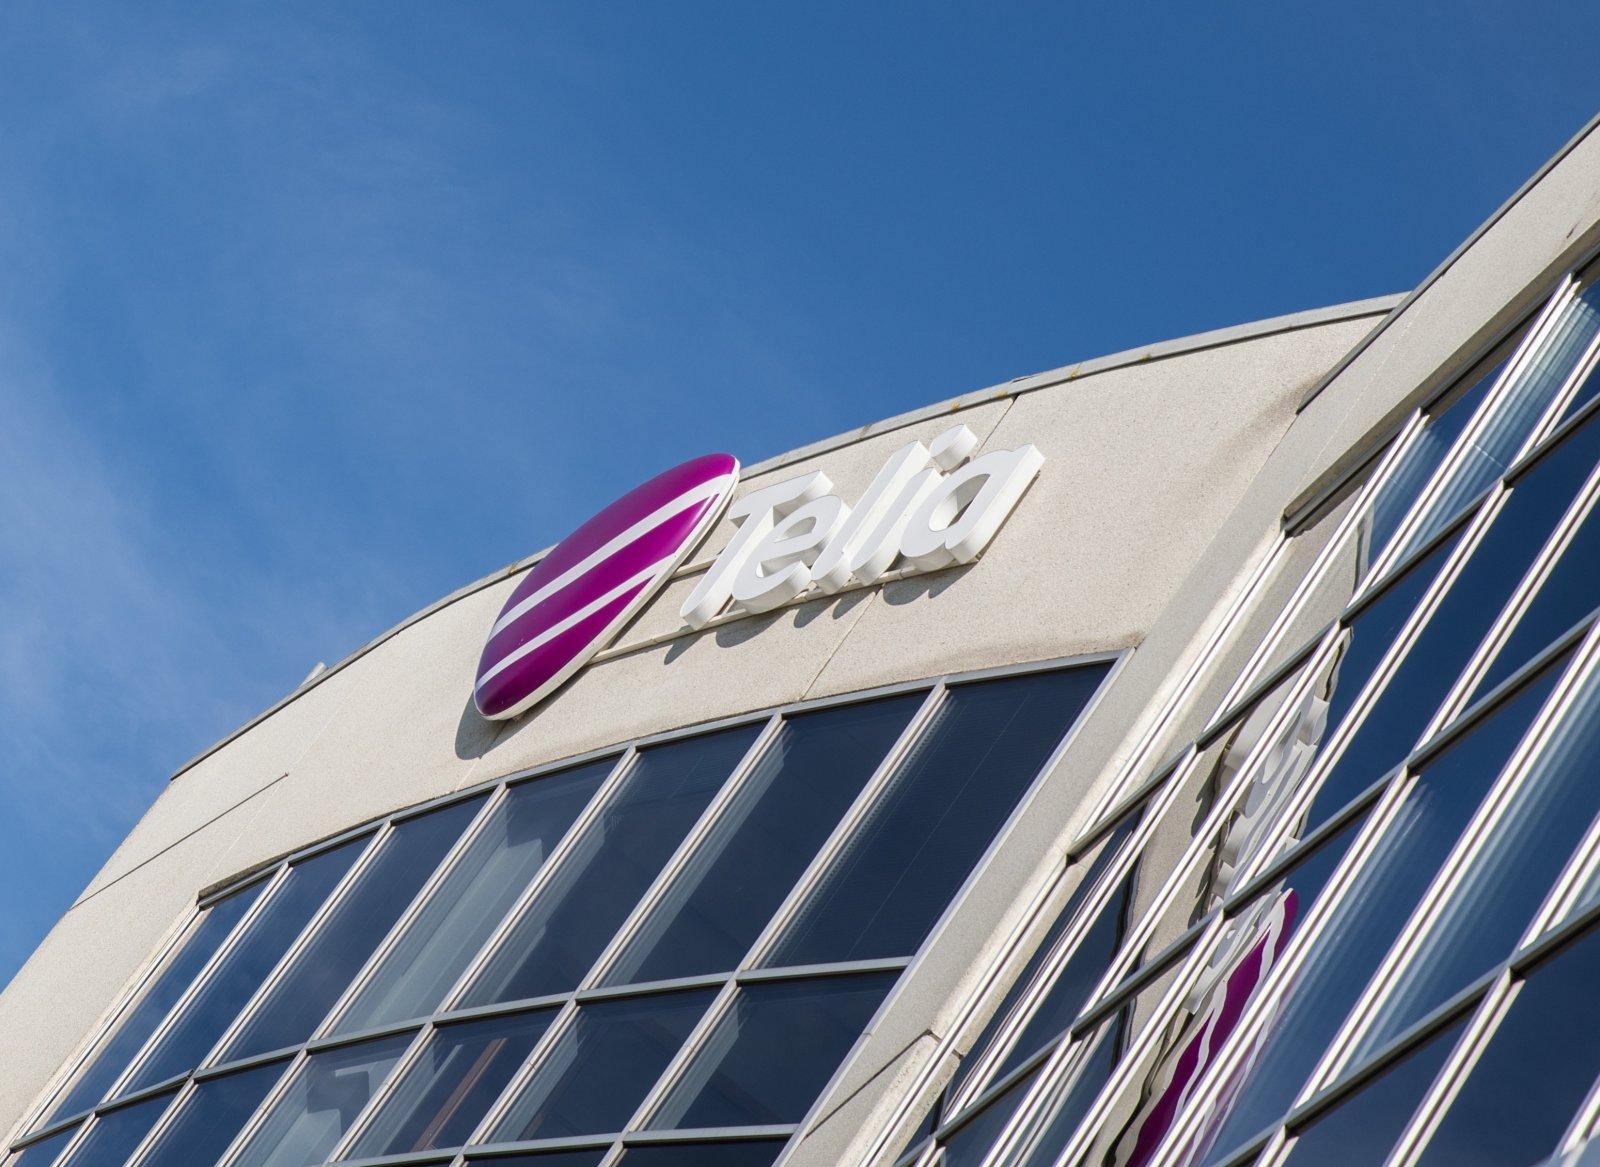 Uskumatu hinnavahe:  Telia pakub Eestis ülikiiret internetti naabritega võrreldes 5 korda kallimalt